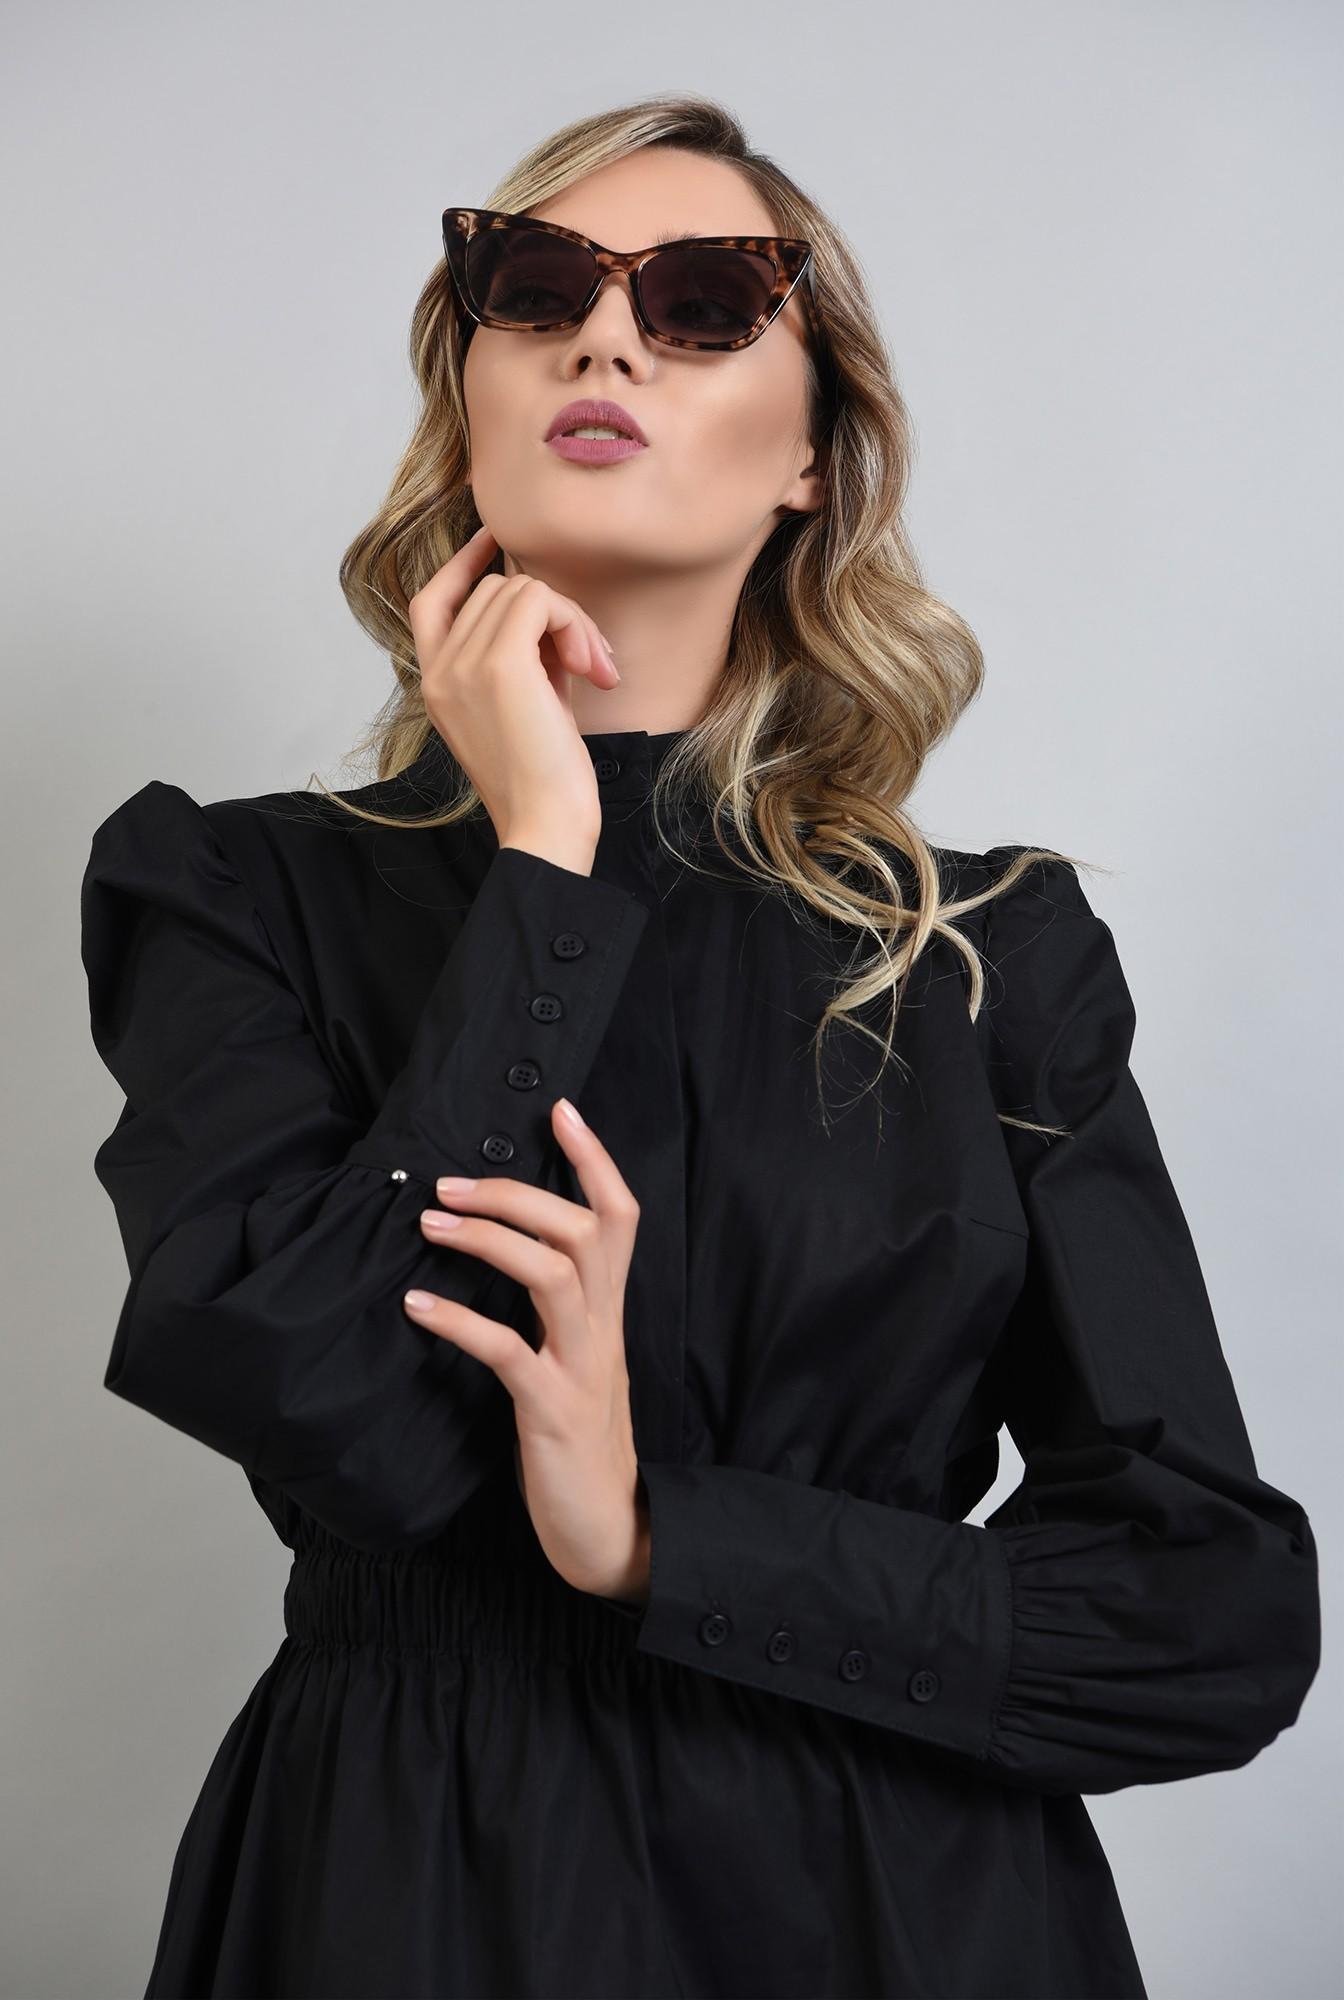 3 - rochie tunica, neagra, Poema, maneci lungi, bufante